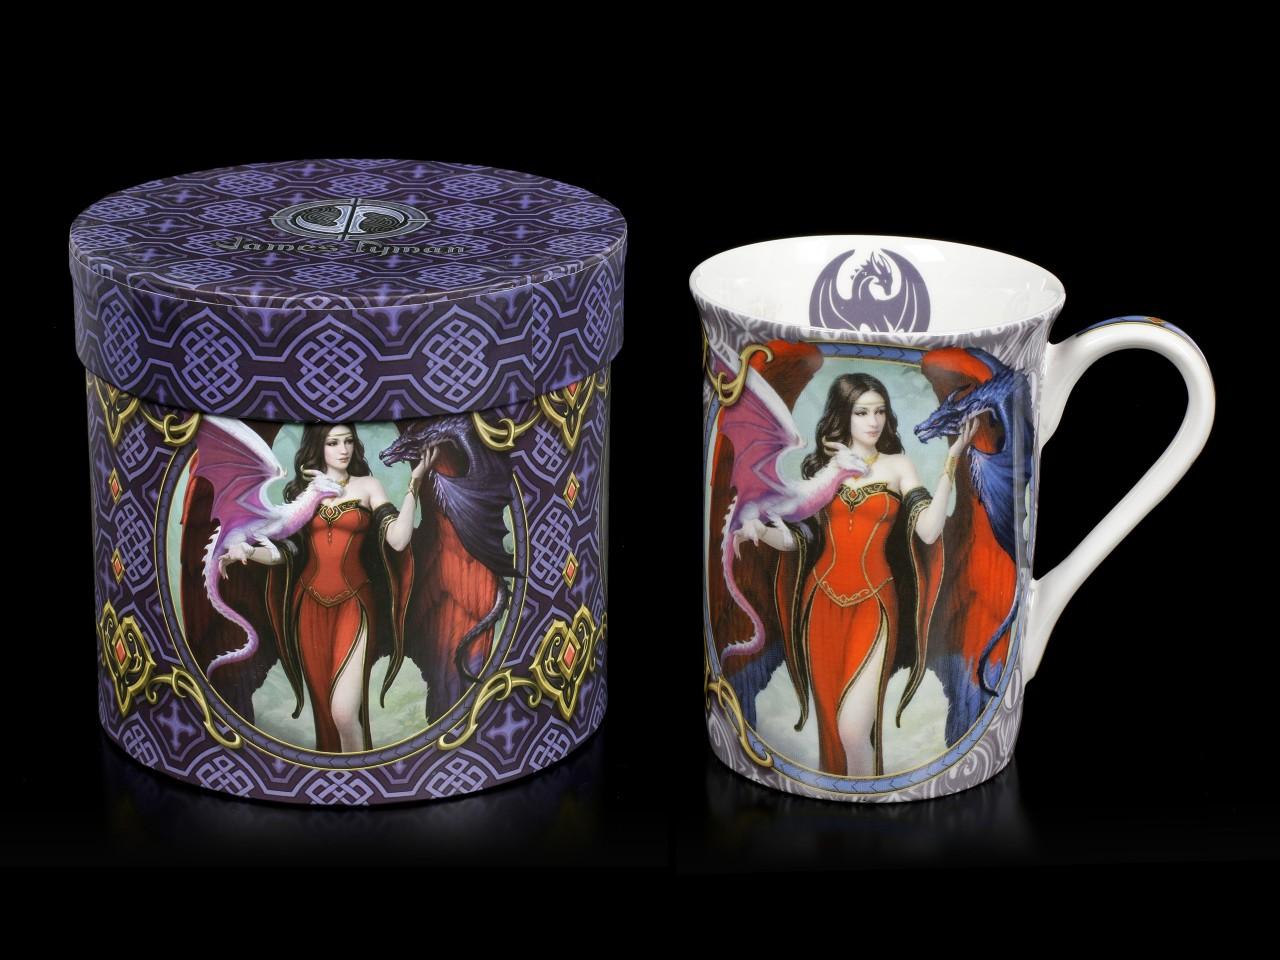 Porzellan Tasse mit Drache - Dragon Mistress